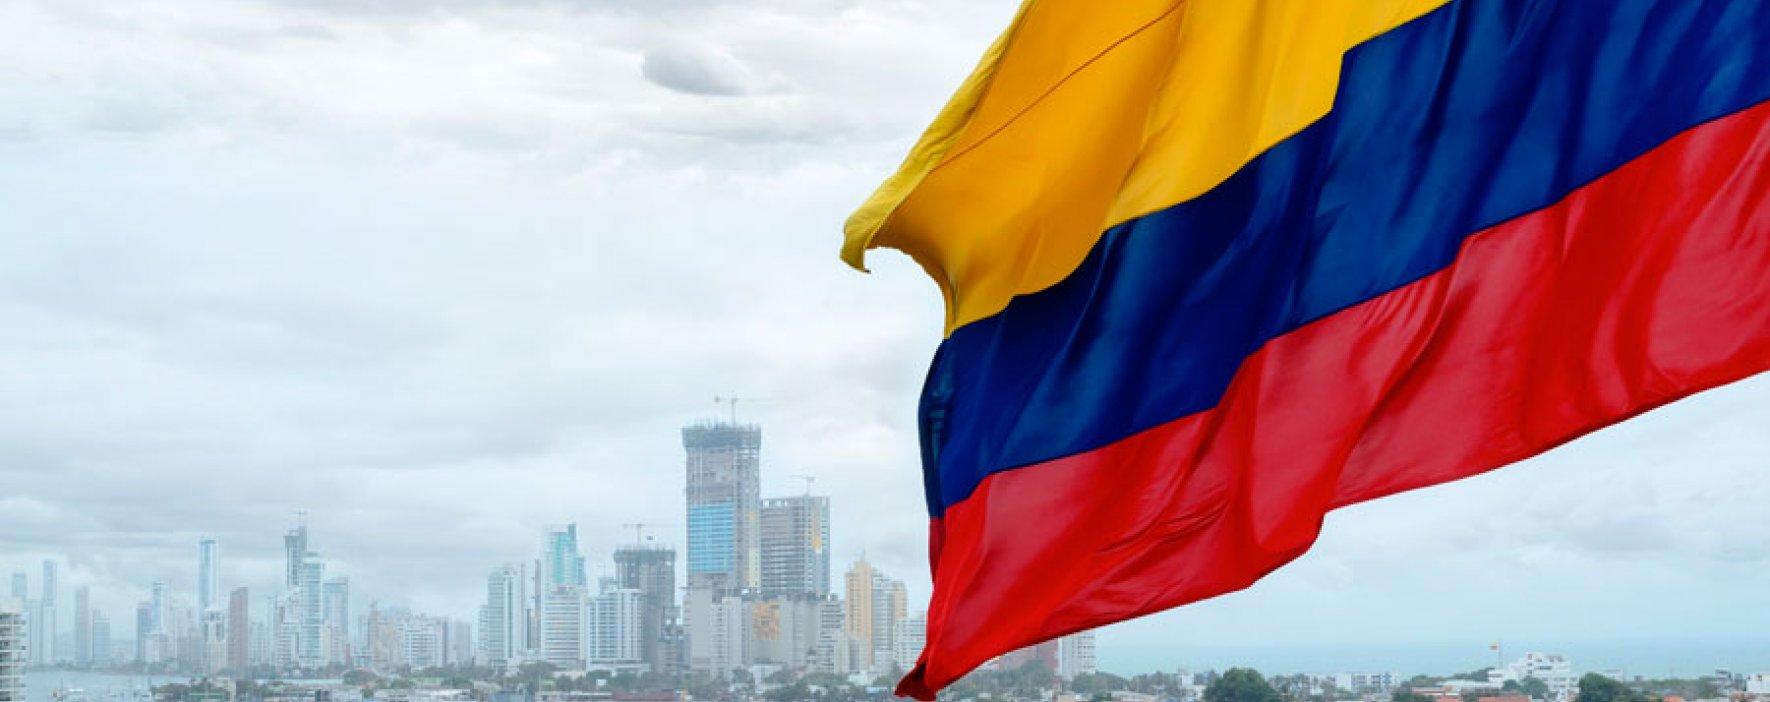 ¿Está buscando una ciudad para invertir en Colombia?